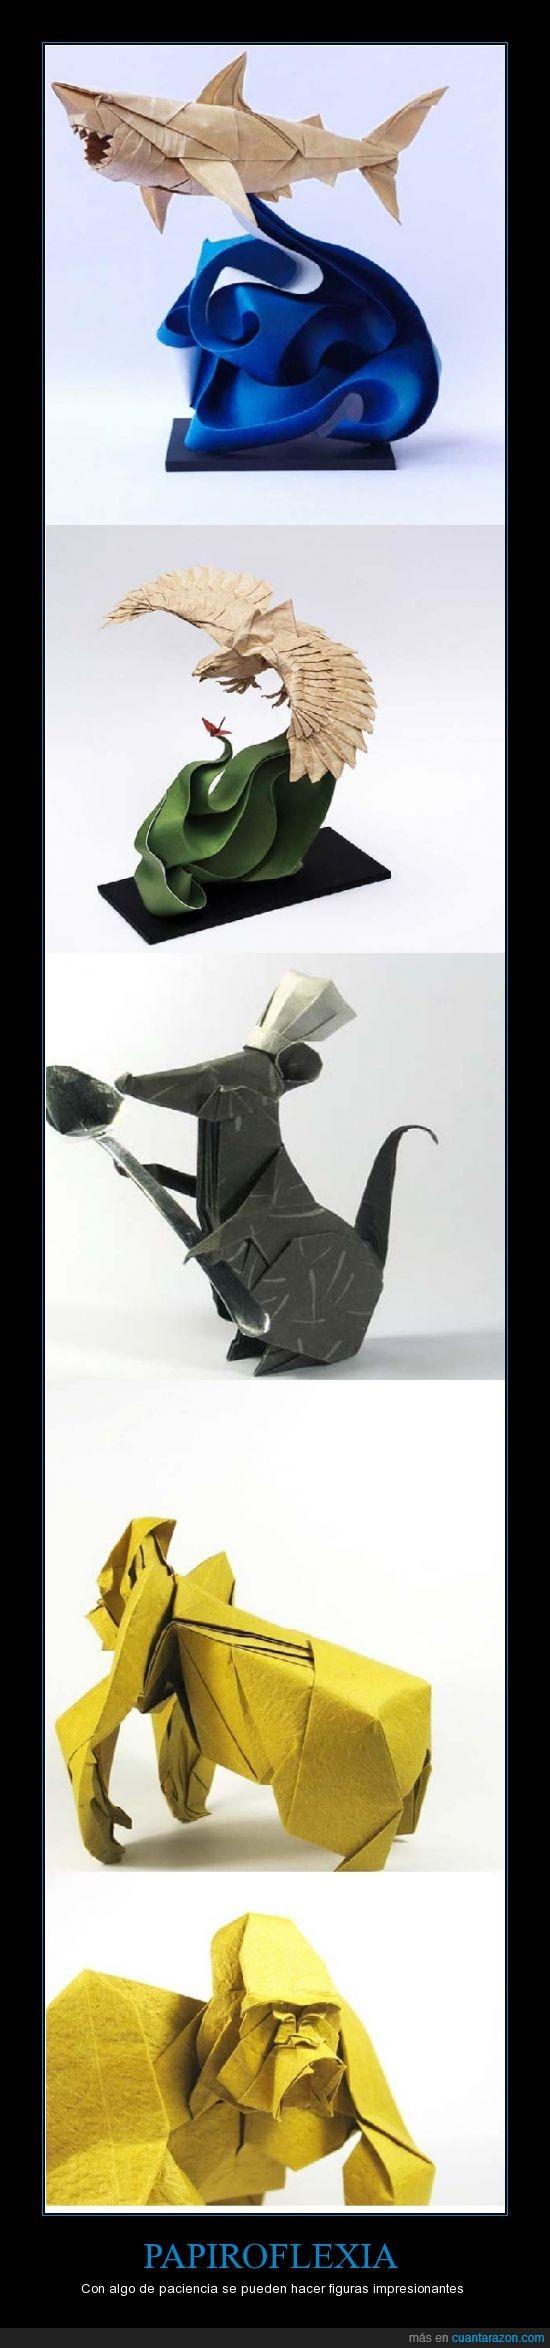 animales,aves,gorila,hojas,origami,paciencia,papiro,papiroflexia,ratón,tiburón